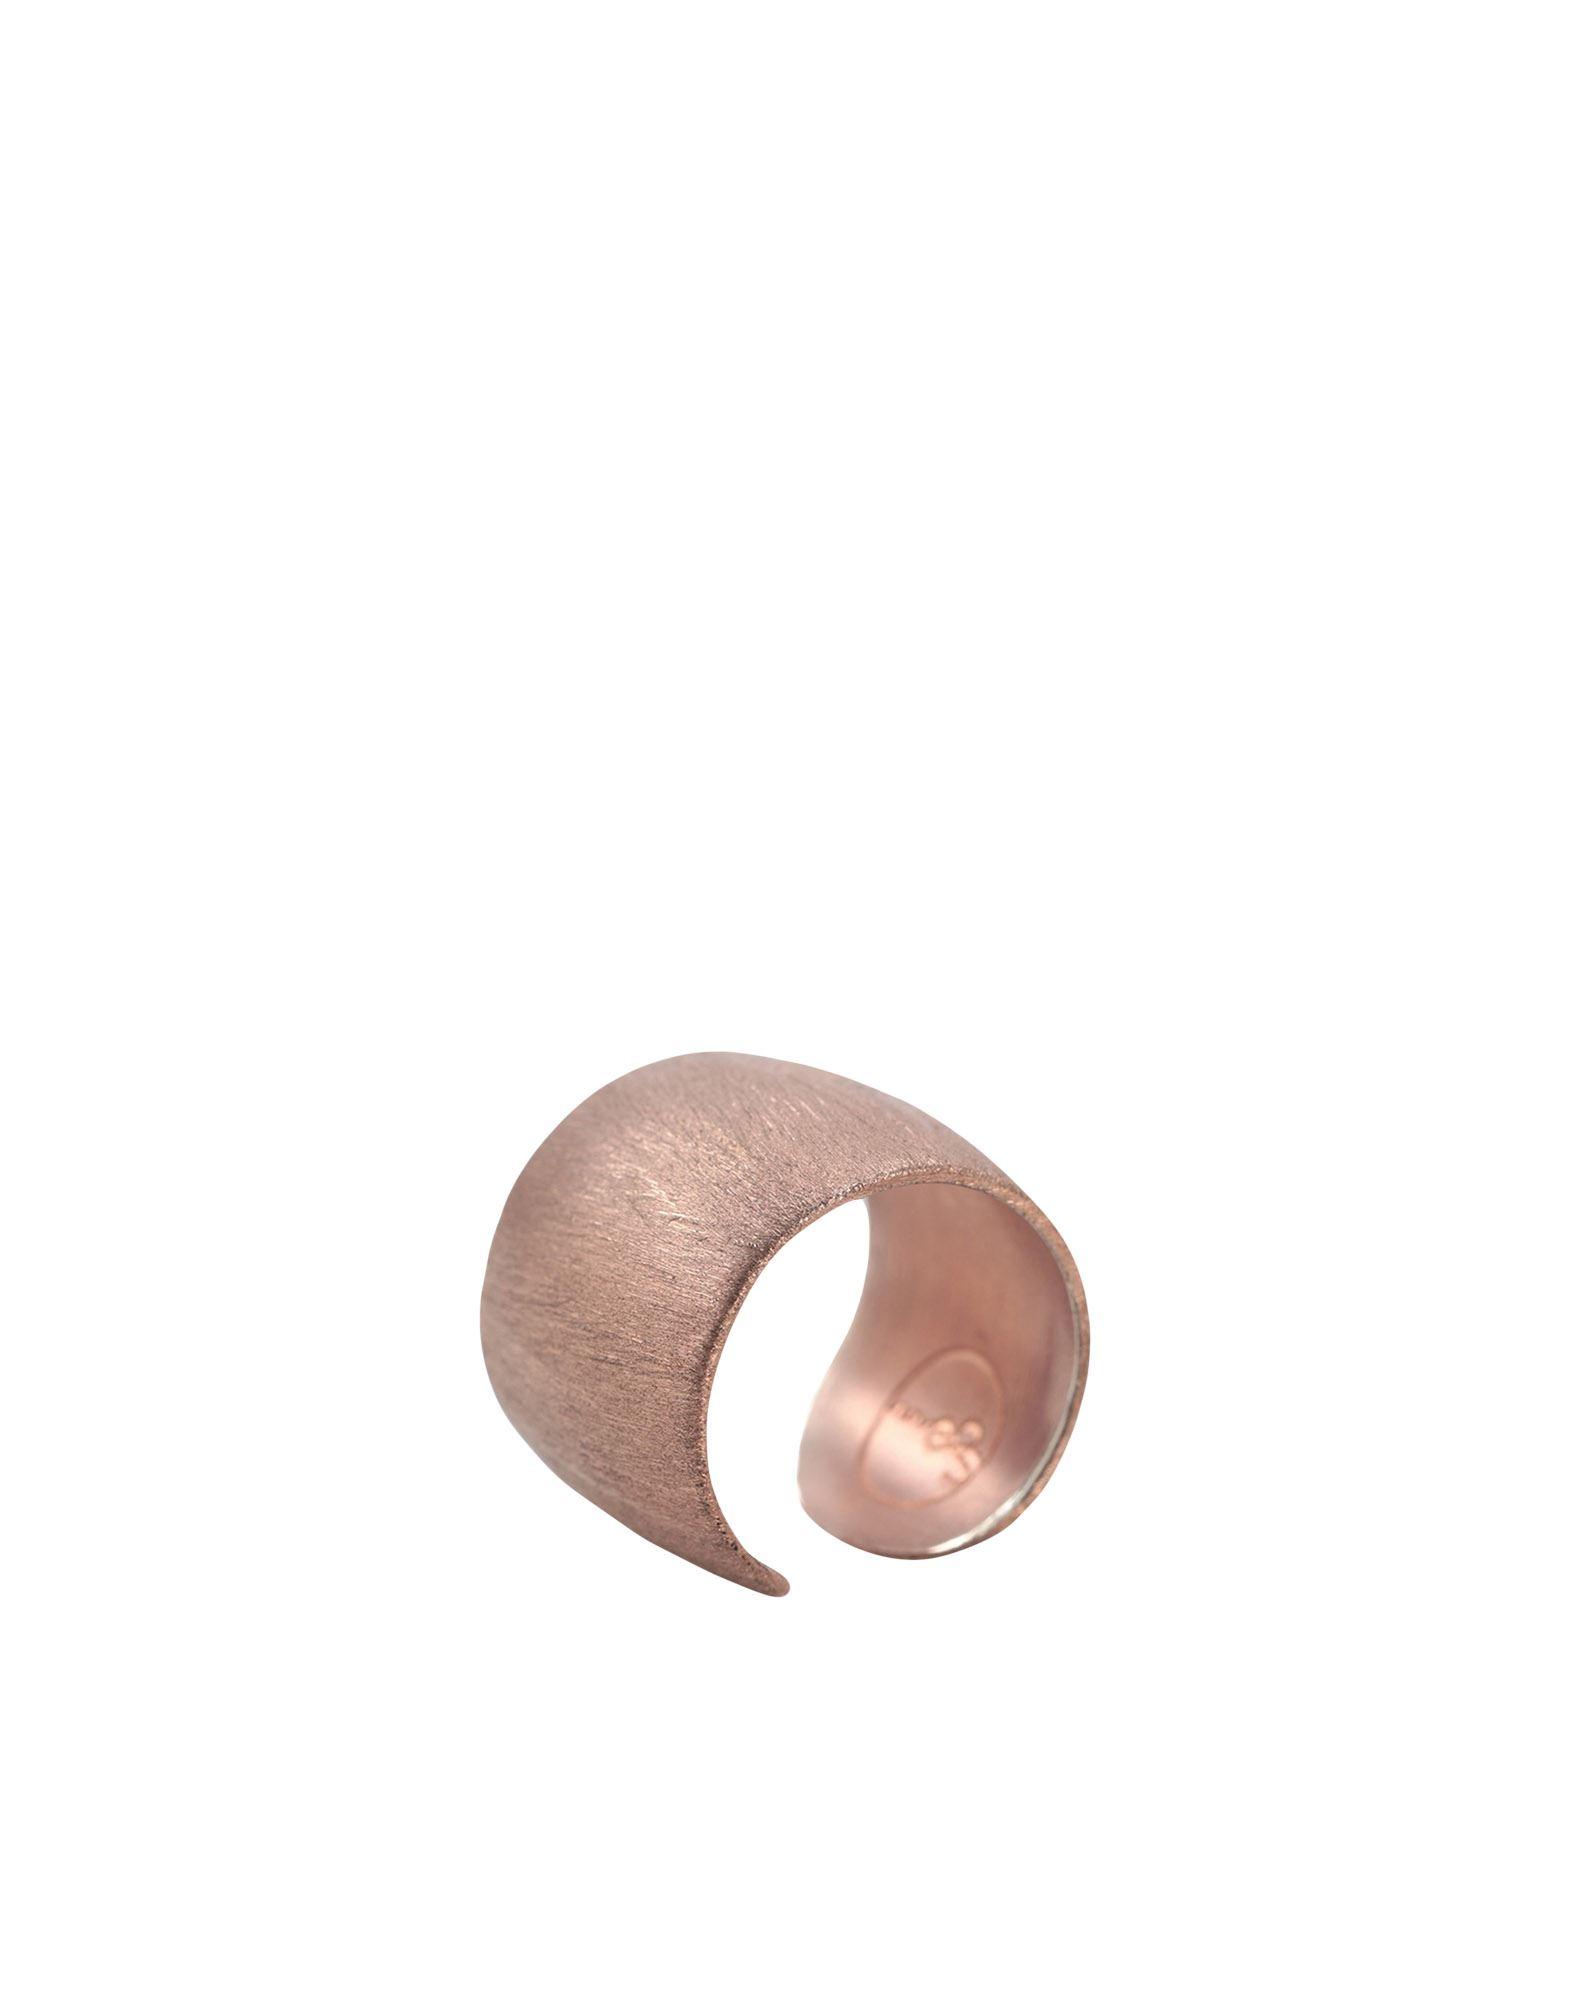 《セール開催中》NOVE25 レディース 指輪 カッパー 14 シルバー925/1000 EMBOSSED RING